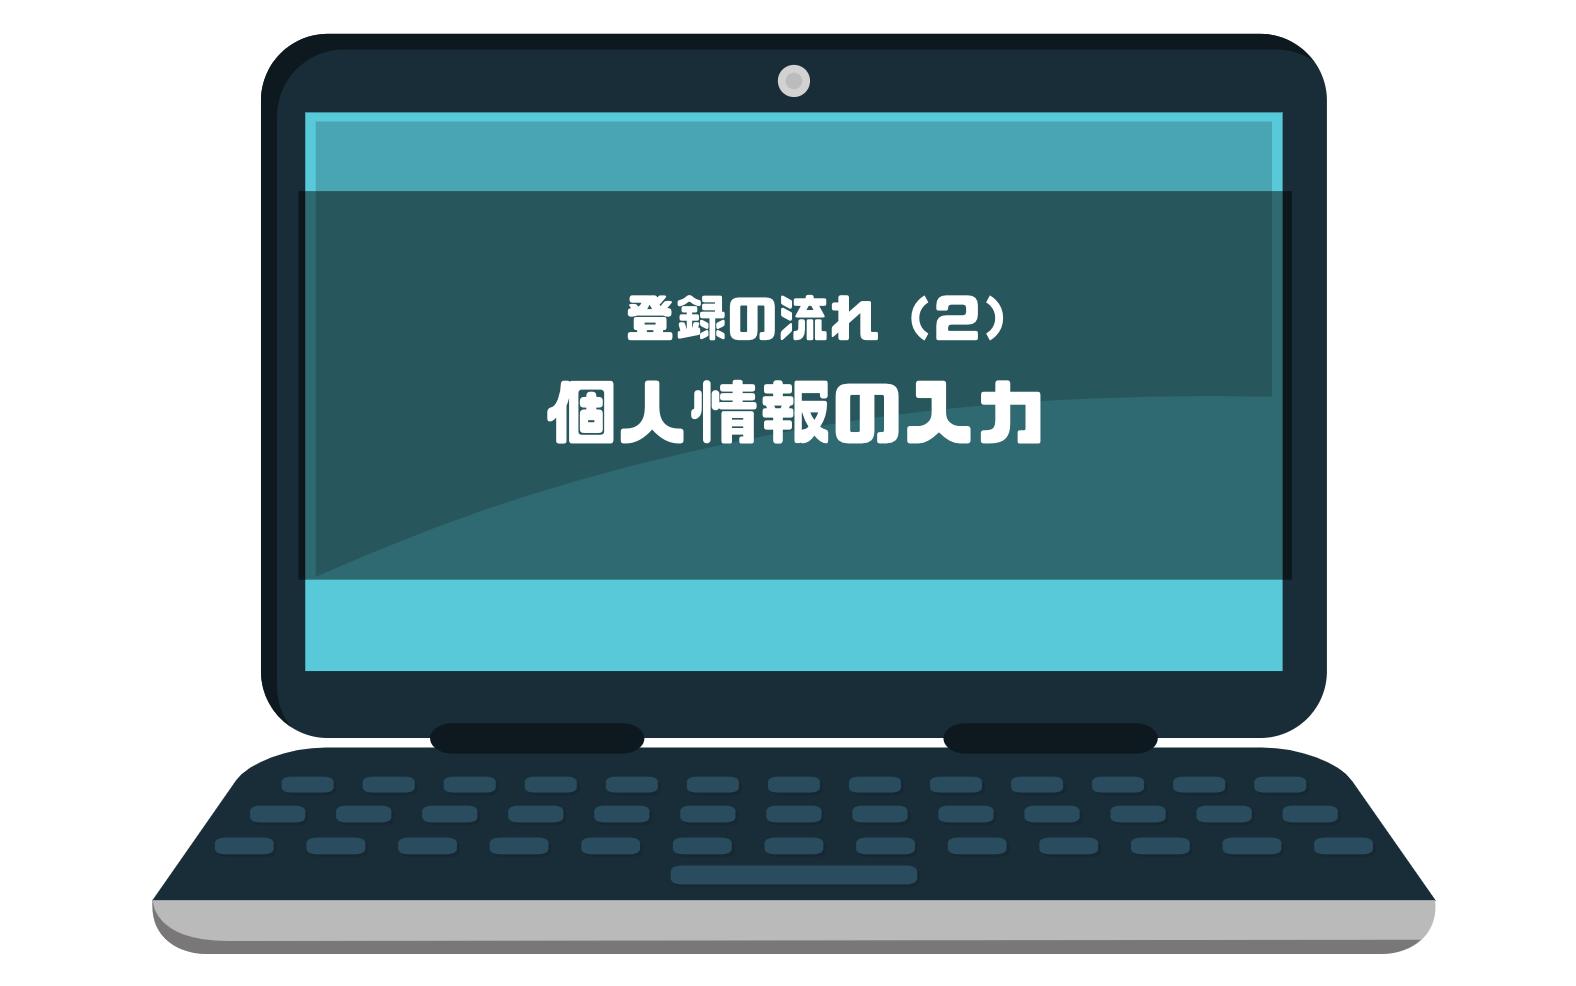 ビオマルシェ_評判_口コミ_会員登録_登録の流れ_個人情報_入力